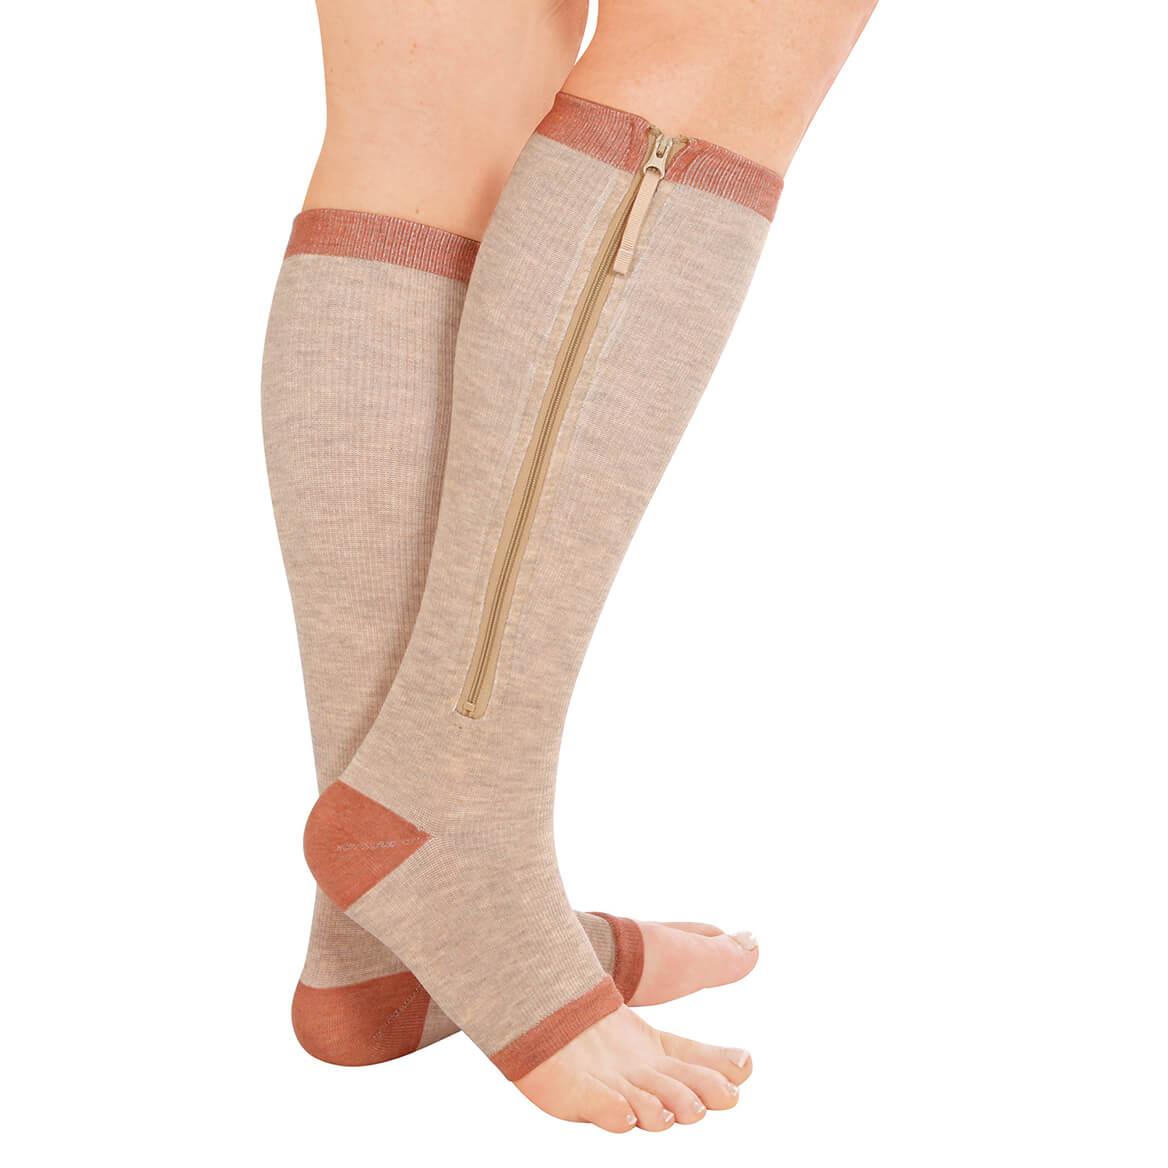 Copper Support Zip Socks-370112